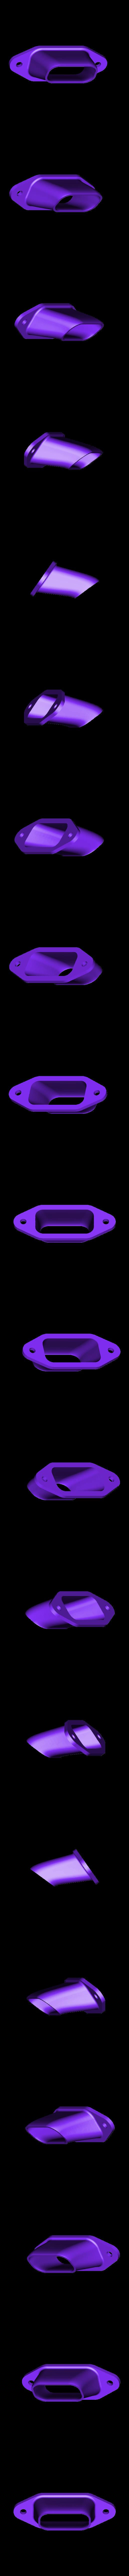 hemera part cooling fan mount - nozzle duct.stl Télécharger fichier STL gratuit support à changement rapide pour e3d hemera et ventilateur de refroidissement de 60 mm • Design pour impression 3D, madewithlinux